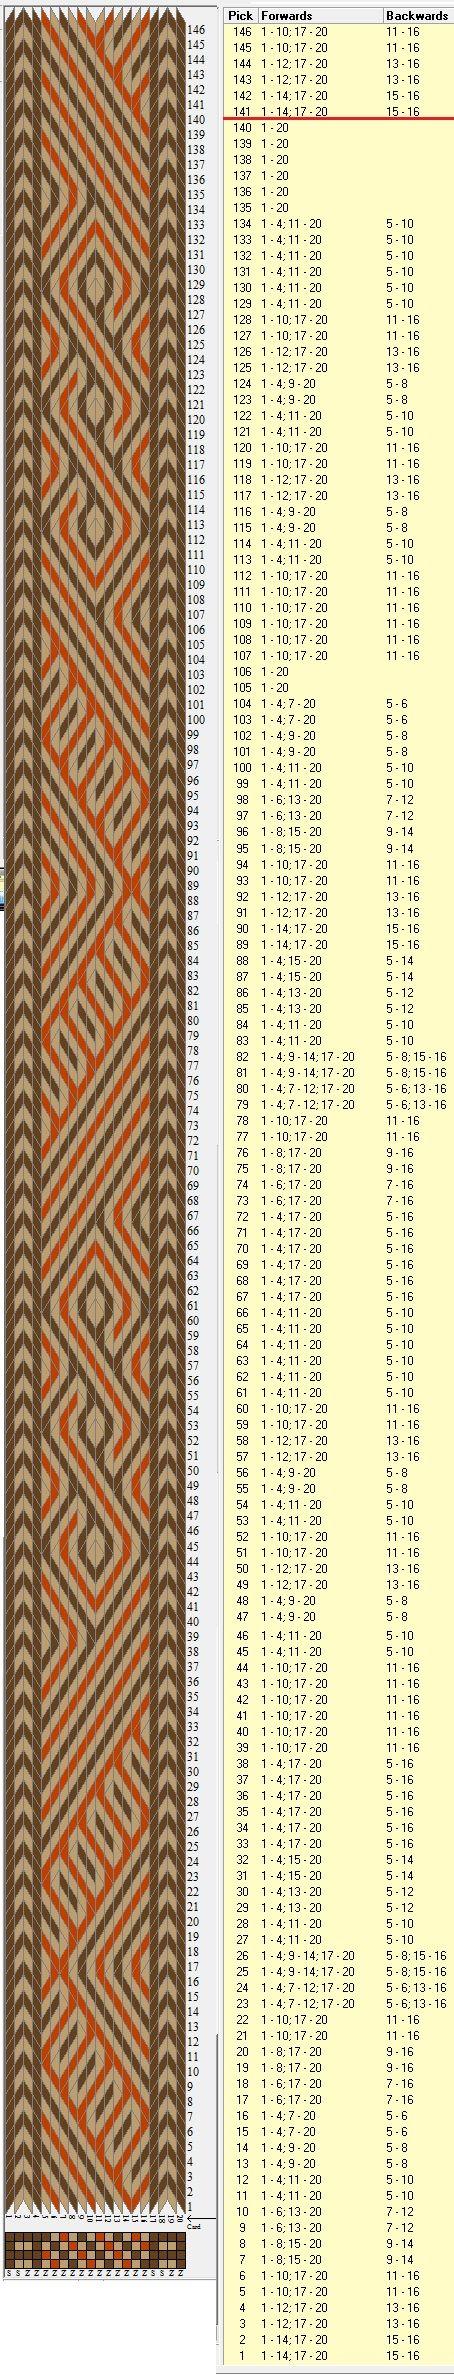 20 tarjetas, 3 colores, completa esquema en 140 movimientos // sed_657 diseñado en GTT༺❁